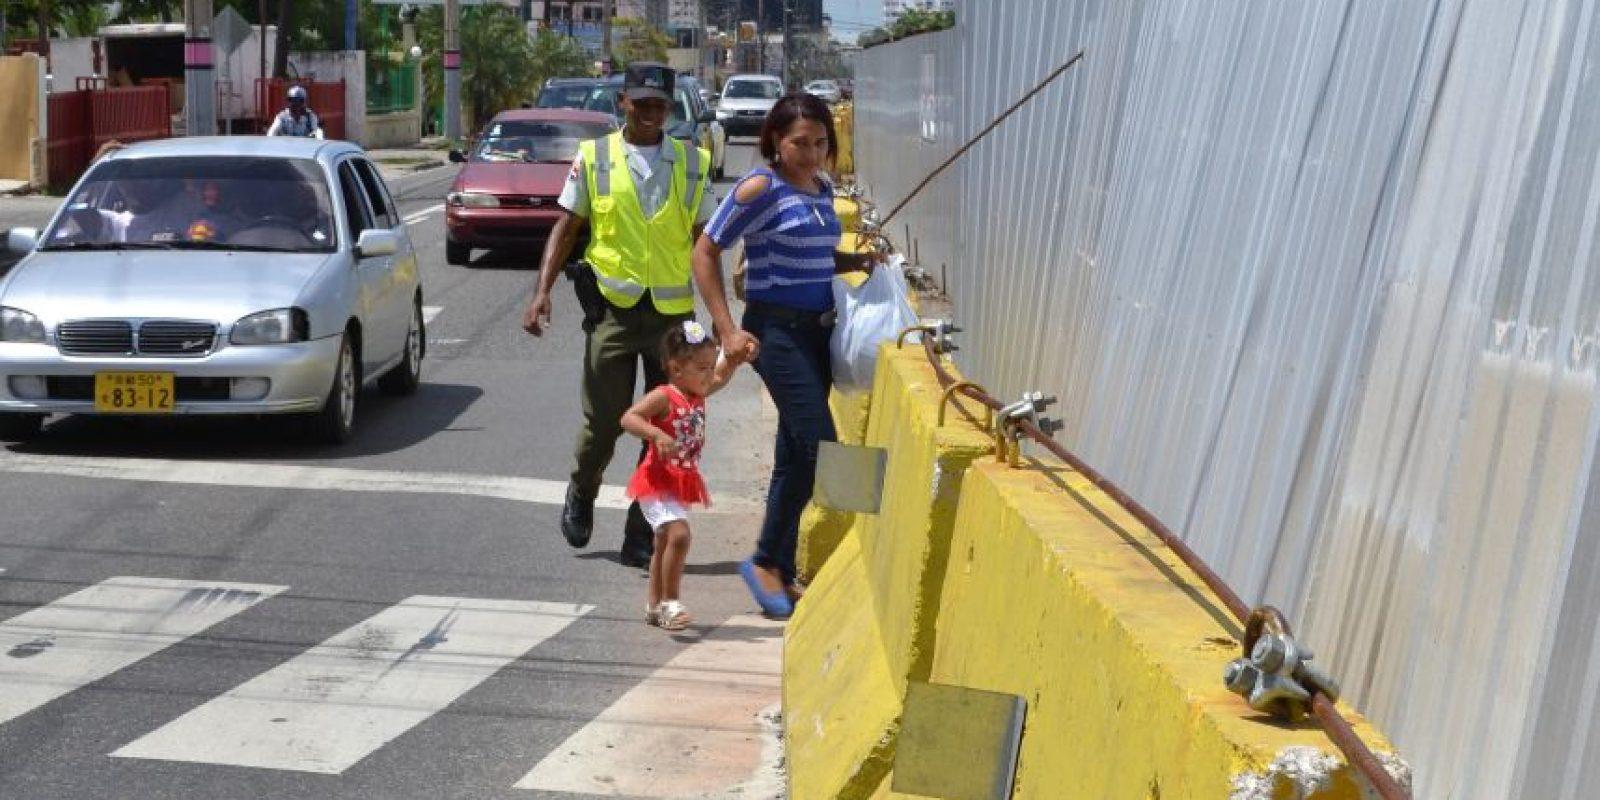 La única forma de cruzar la 27 de febrero a la altura de la Privada es por un angosto paso peatonal Foto: Mario de Peña